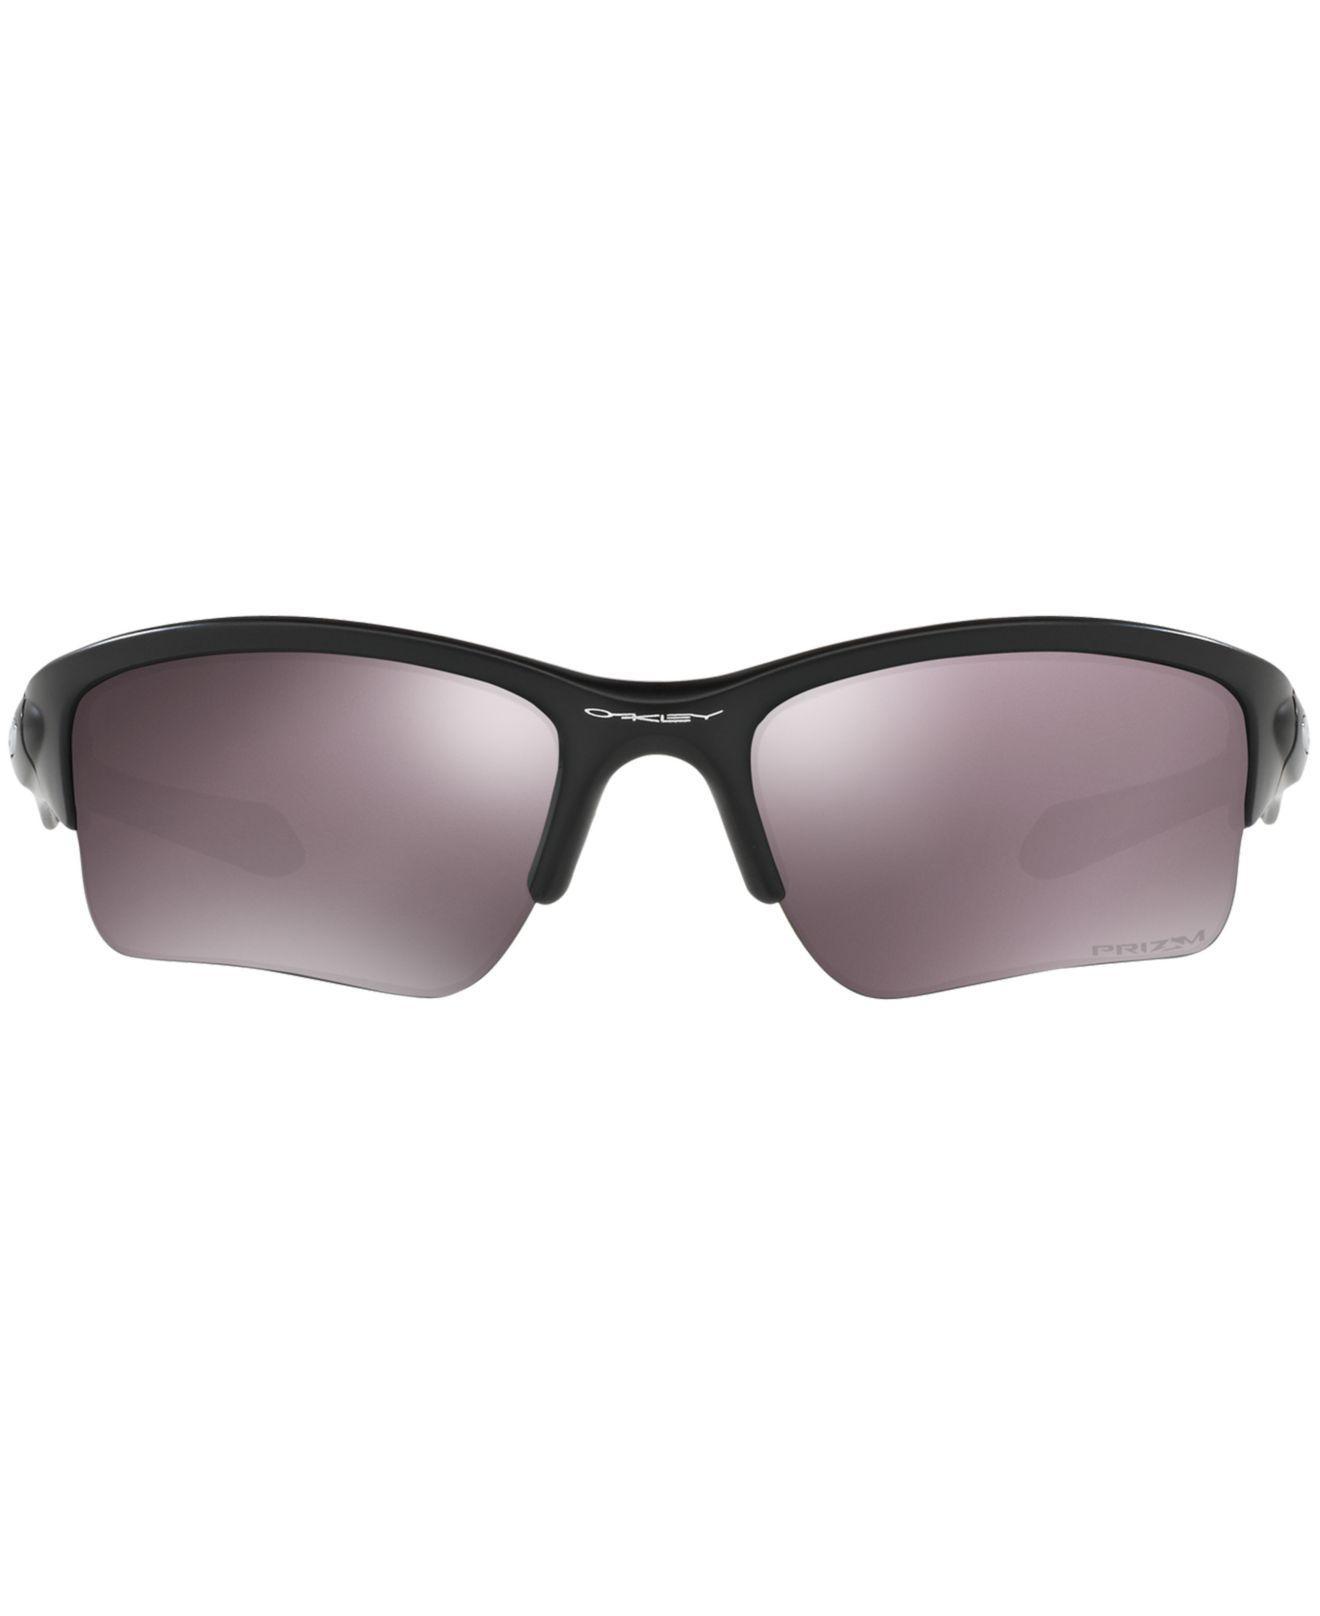 4e0cf068c11 Lyst - Oakley Oo9200 Quarter Jacket in Purple for Men